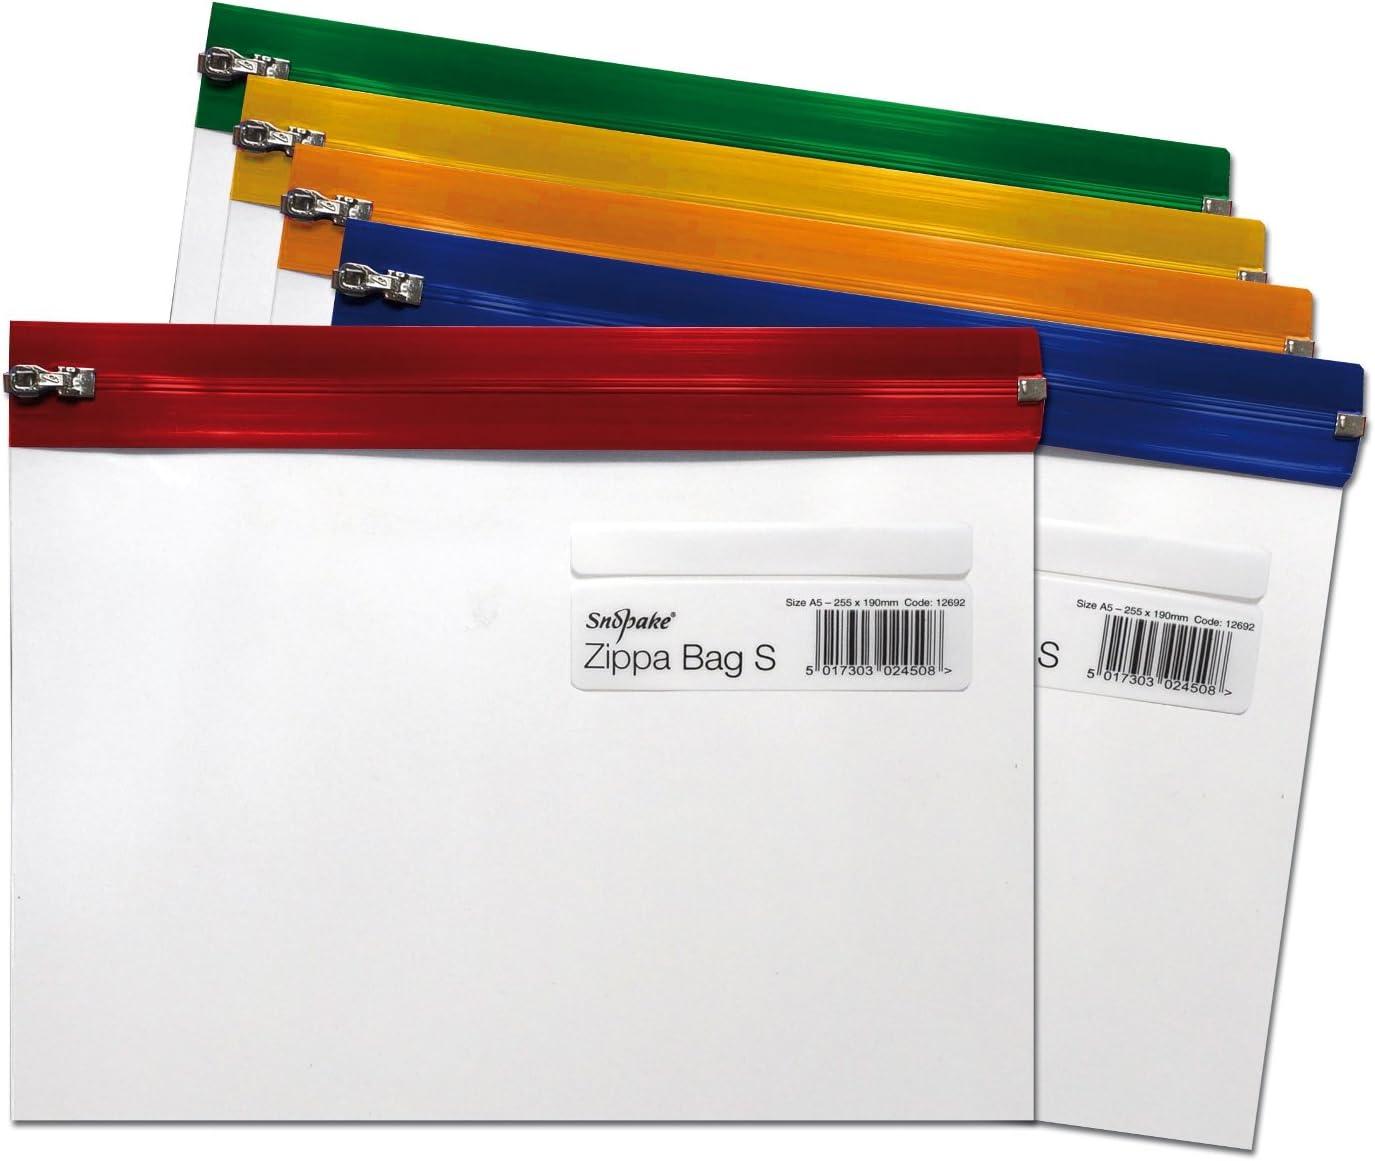 Snopake Zippa Bag 'S' - Bolsa con cierre por cursor (5 unidades, A5, 255 x 190 mm), diseño transparente, multicolor